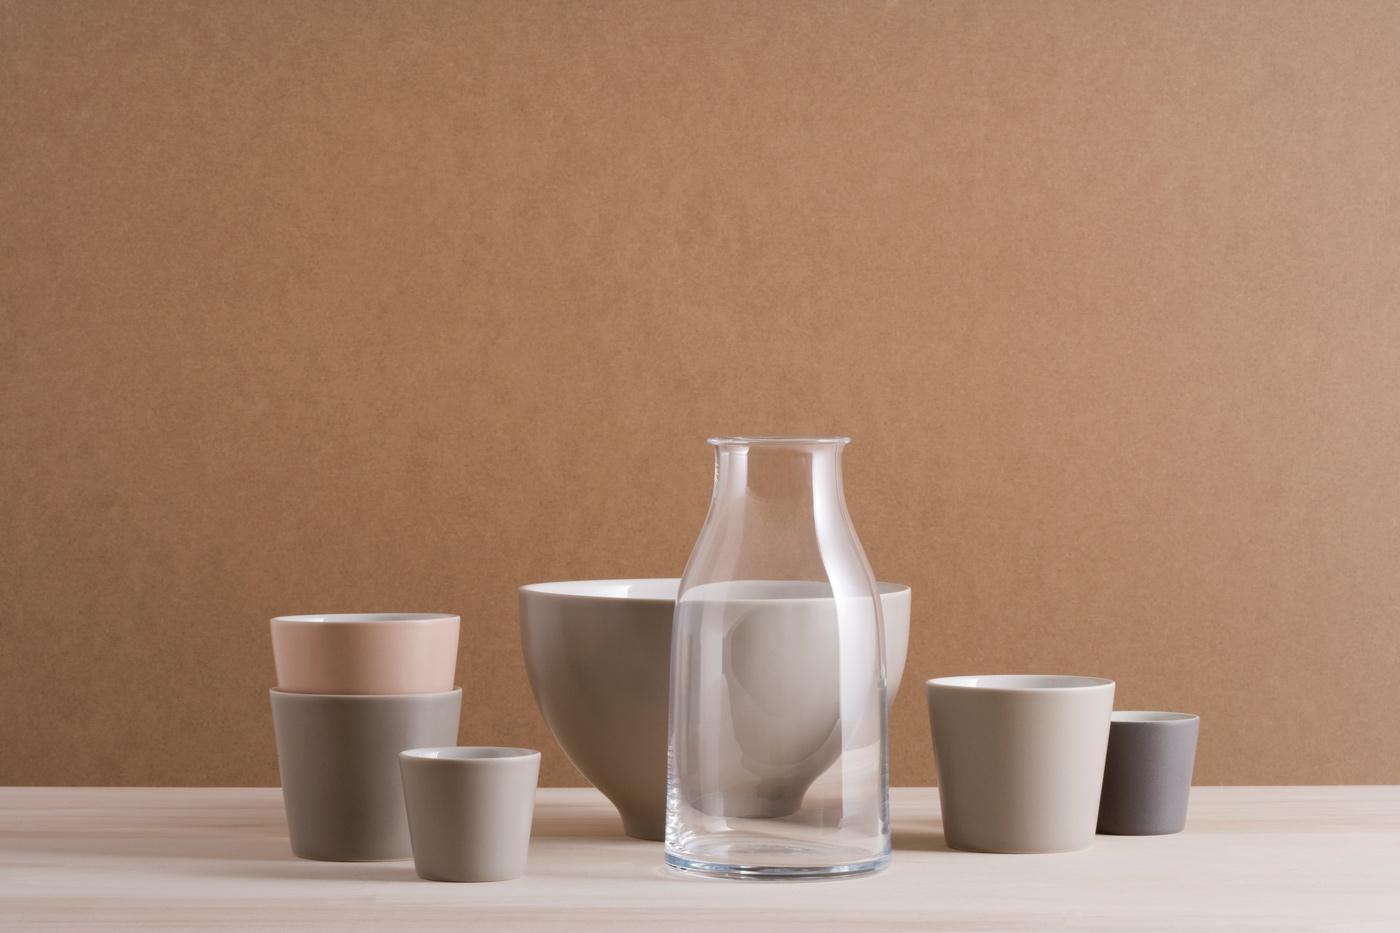 - El juego de servicio de mesa Tonale, fue diseñado por David Chipperfield, quien se inspiro en la cerámica japonesa, china, coreana y en las obras del pintor Giorgio Morandi.La colección se compone de una jarra, platos, cuencos, vasos y tazas entre otros objetos de mesa.